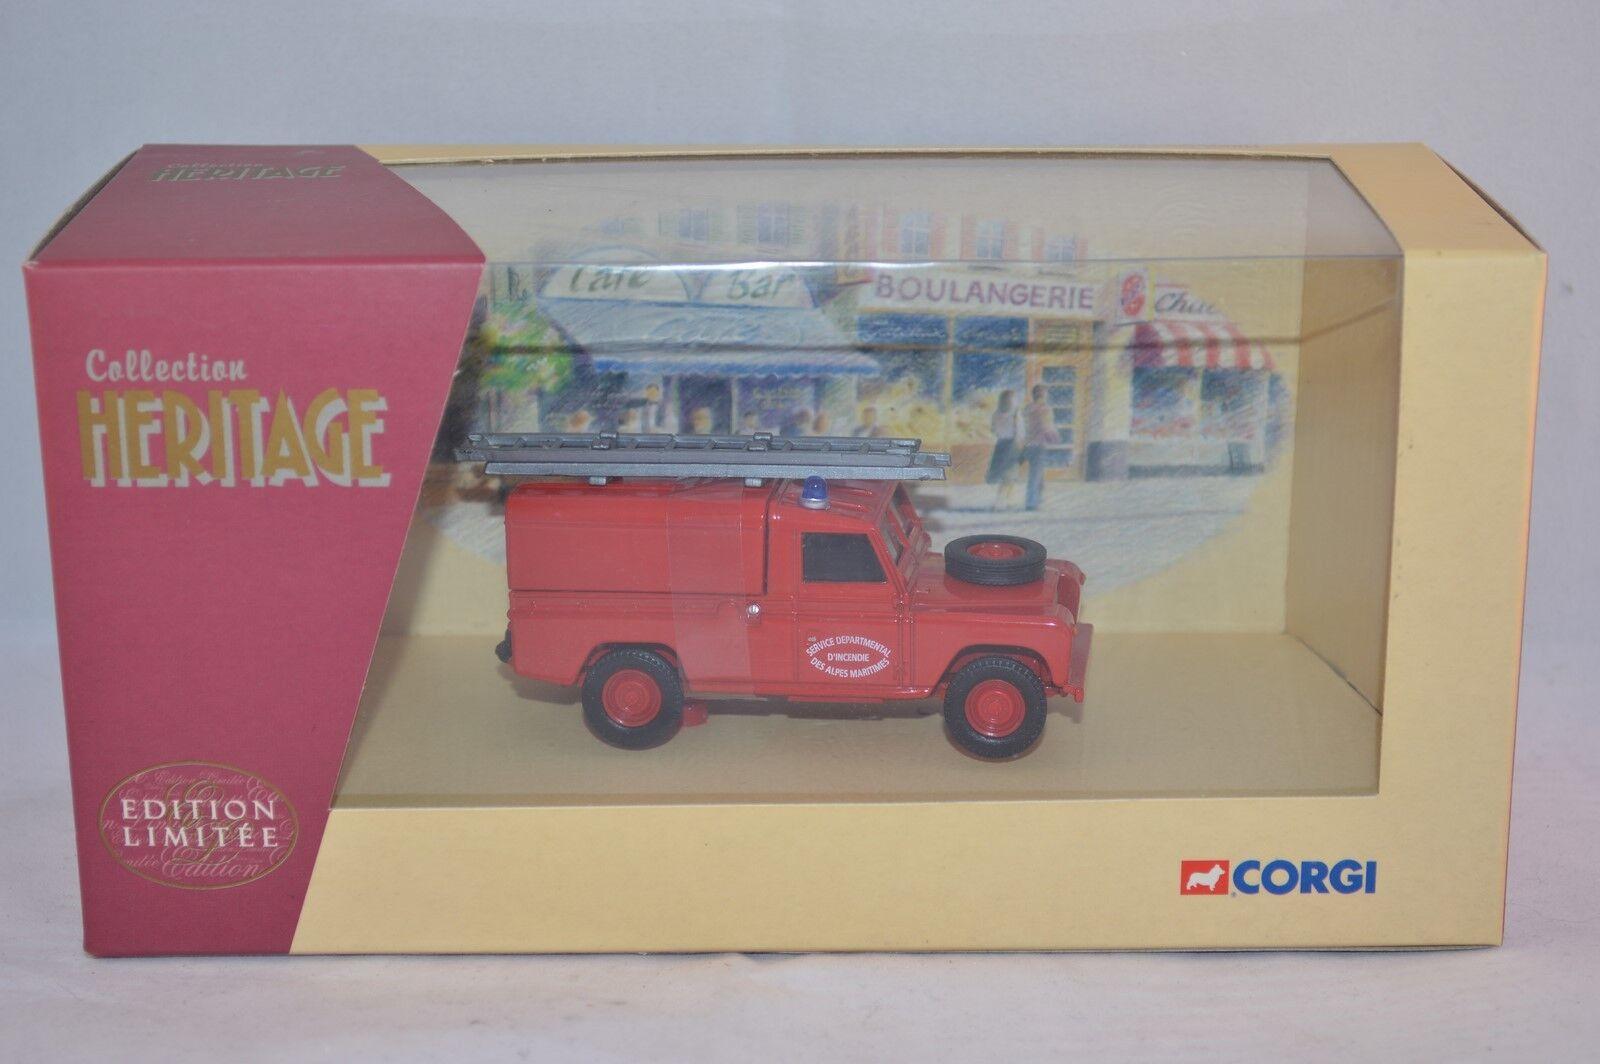 Corgi 07412 Land Rover - Pompier Pompier Pompier Des Ardennes 1 43 mint in box 94e7ea